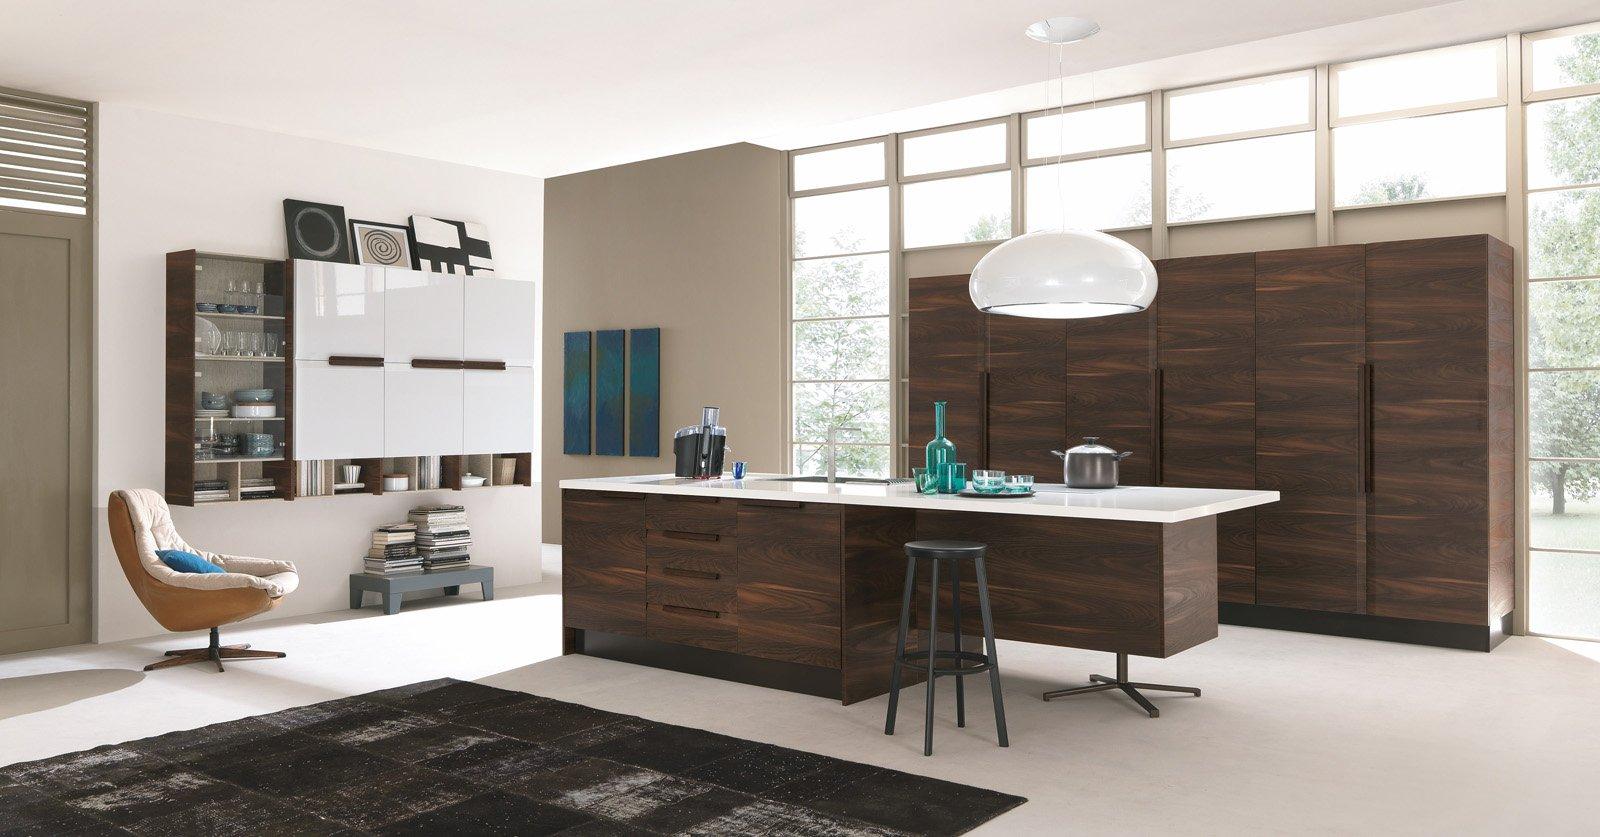 Cucina in legno moderna o classica cose di casa - Verniciare ante cucina legno ...